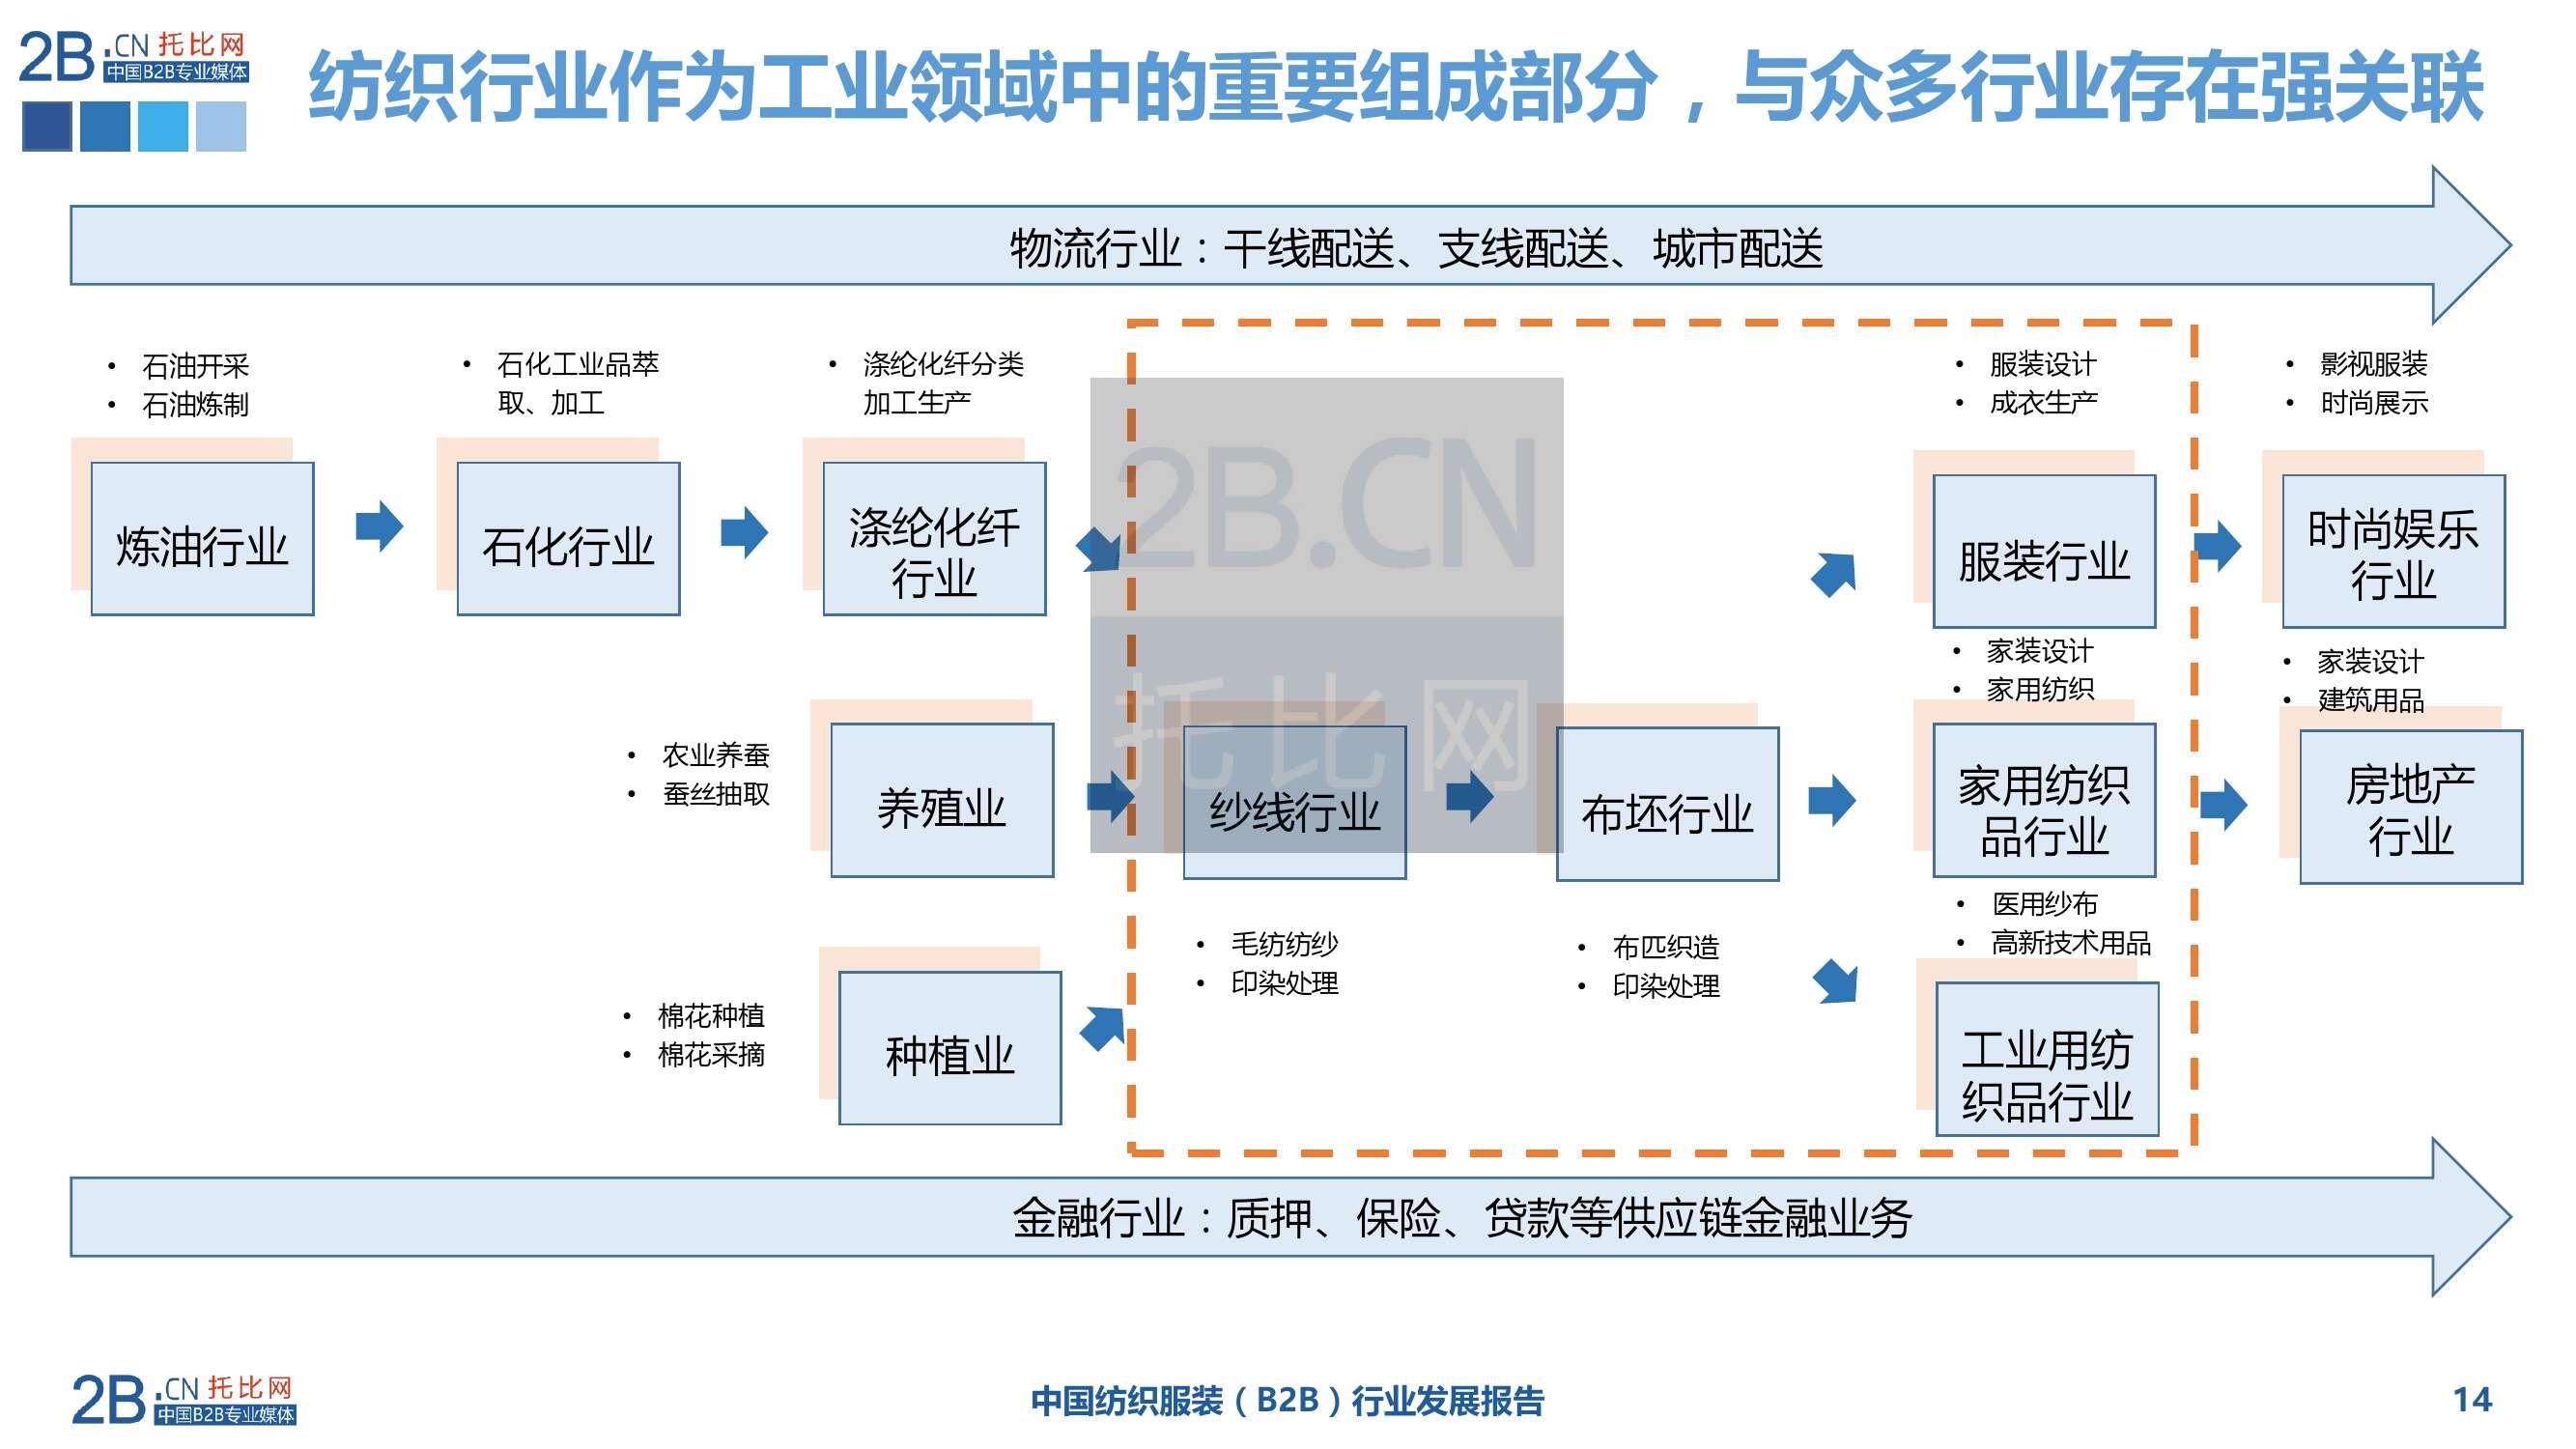 2015年中国纺织服装B2B行业发展报告_000014